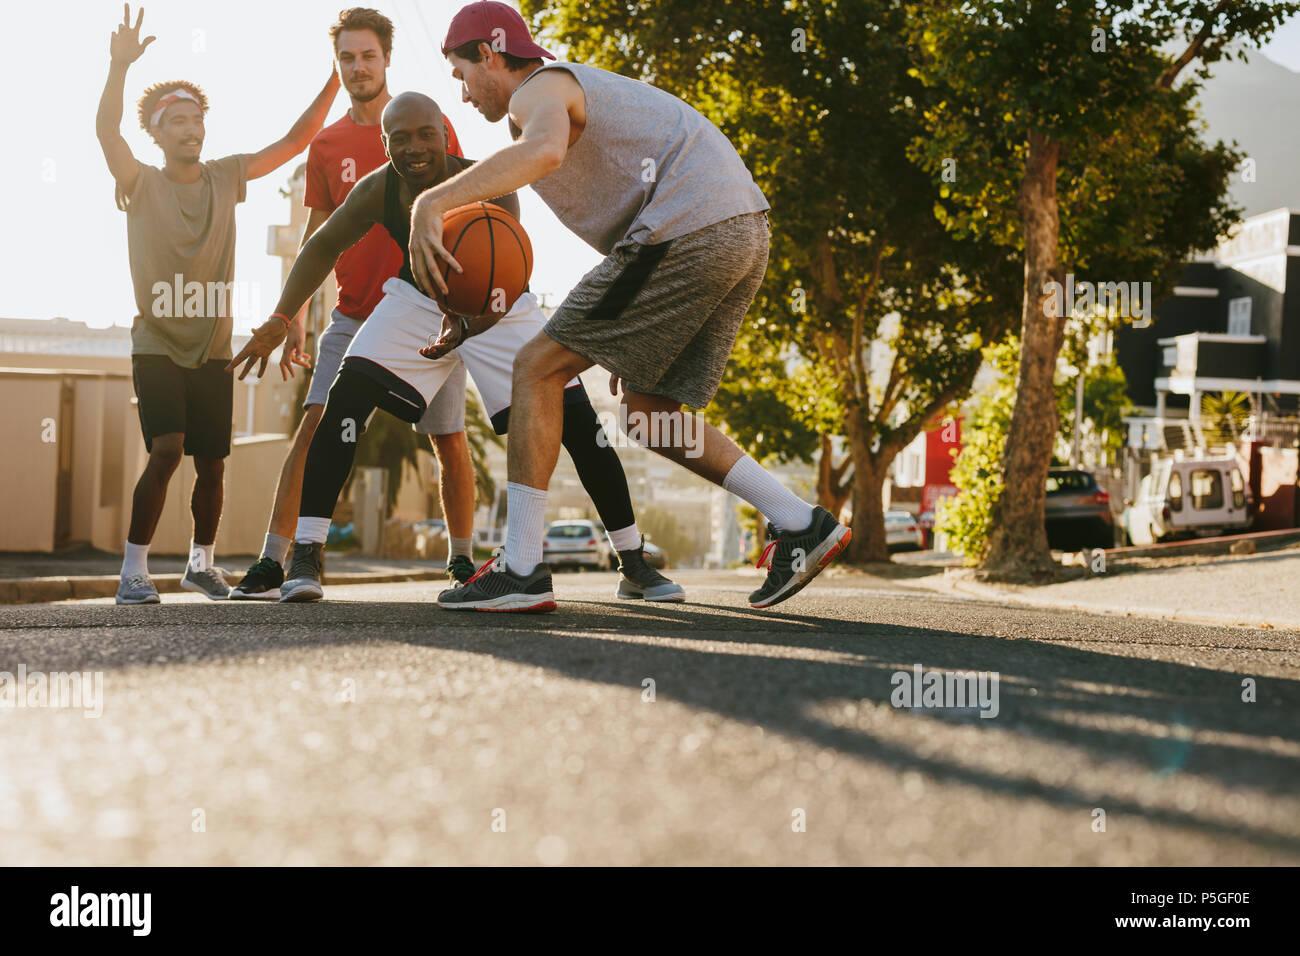 Les hommes jouant au basket-ball jeu sur une journée ensoleillée sur une rue vide. Les hommes pratiquant le basket-ball ses dribbles sur rue. Banque D'Images